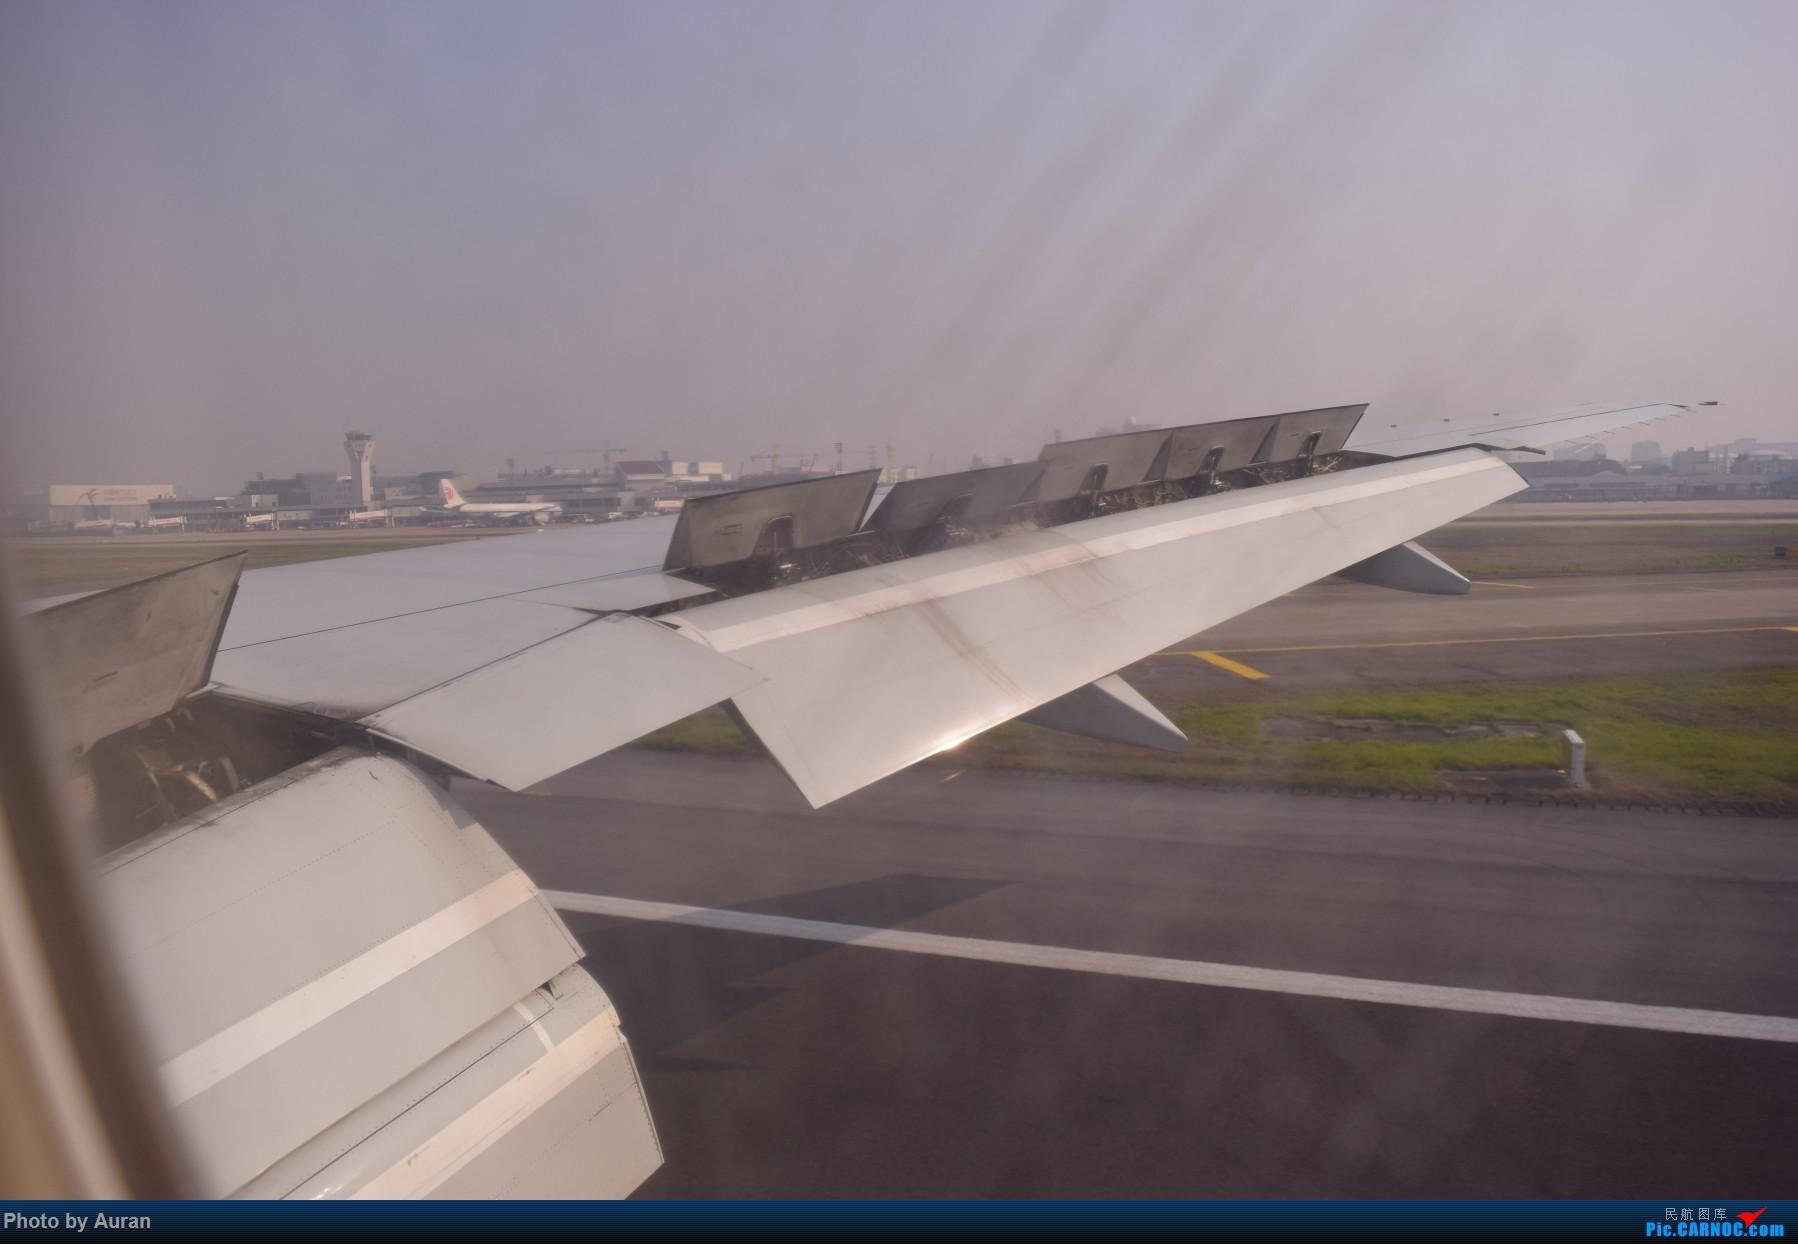 Re:[原创]【Auran游记3】2016寒假大学回家 波音777-200 B-2065 PEK